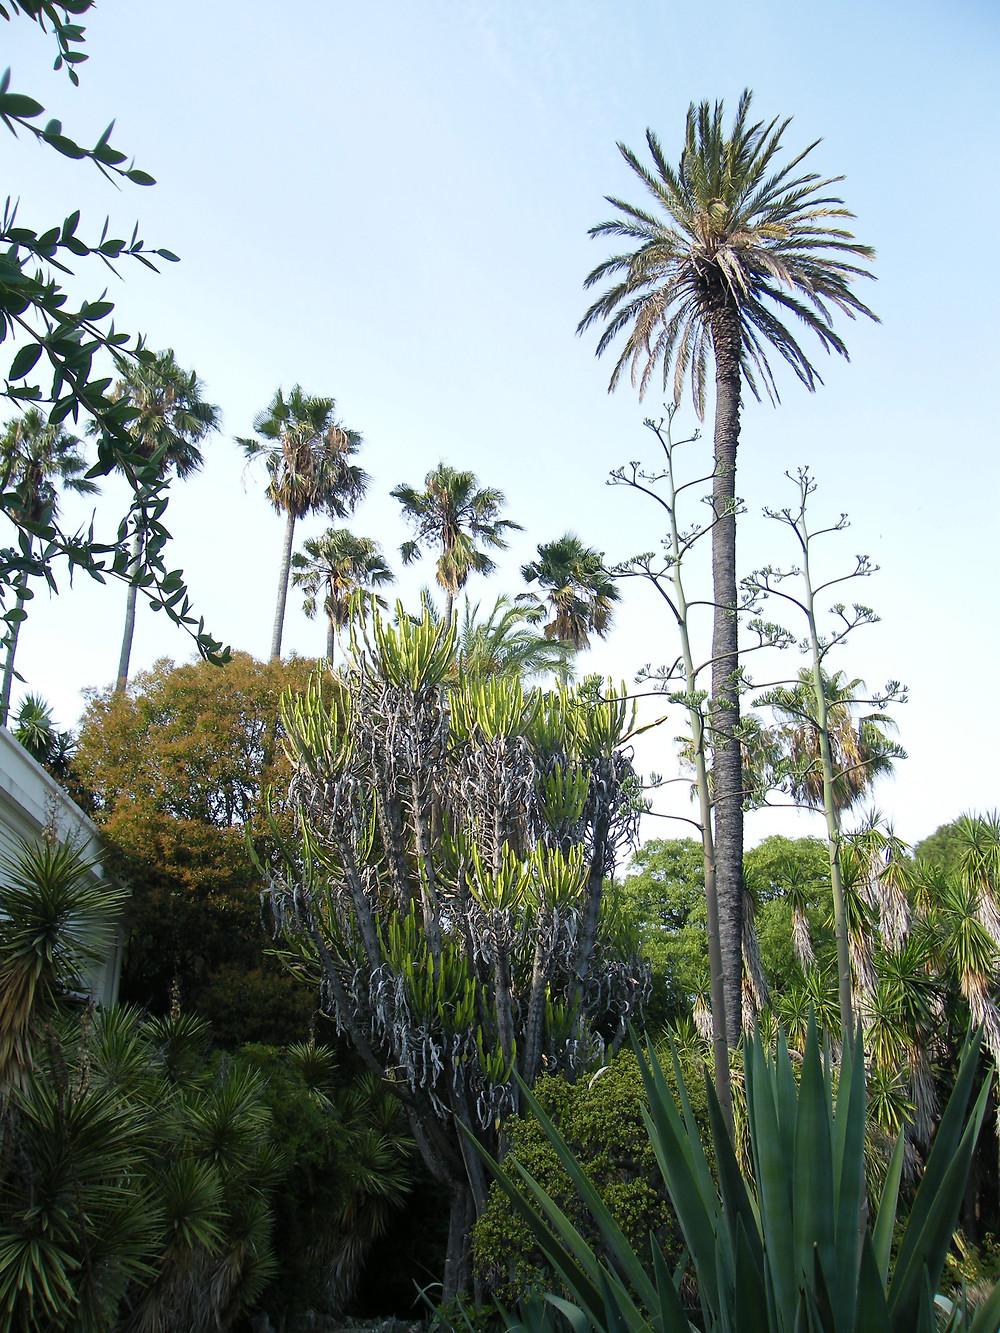 Botaaninen puutarha